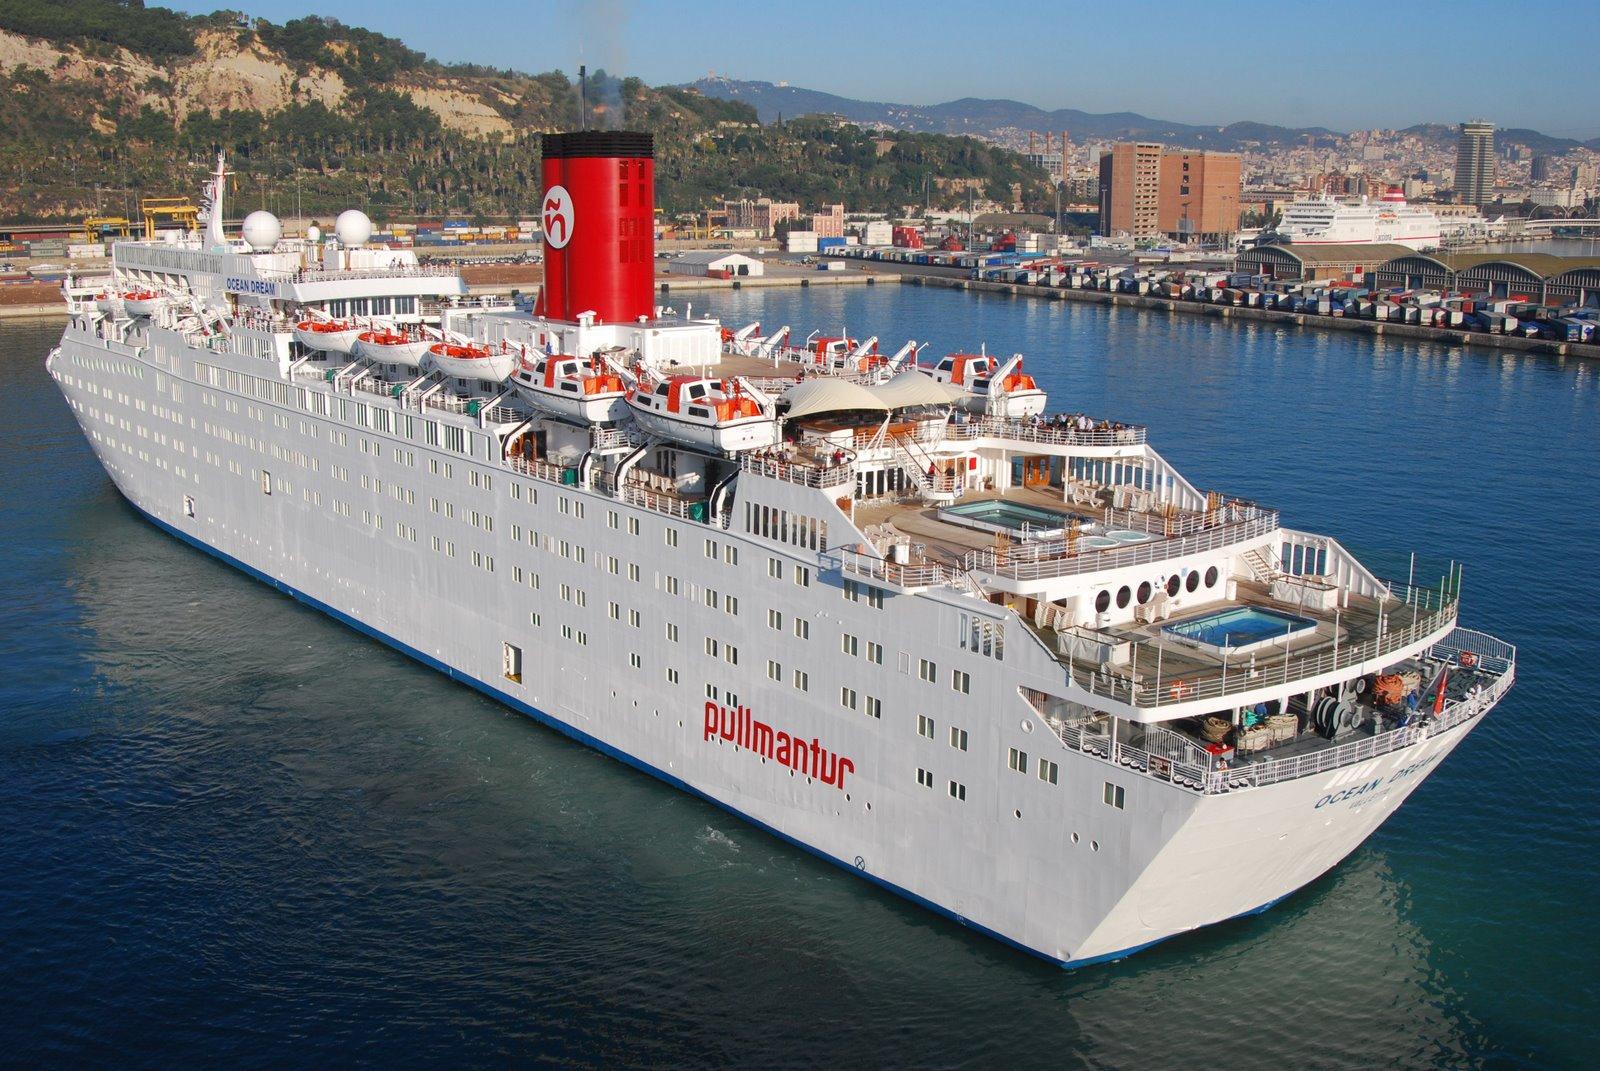 ships the sea blogue dos navios e do mar ocean dream sold to